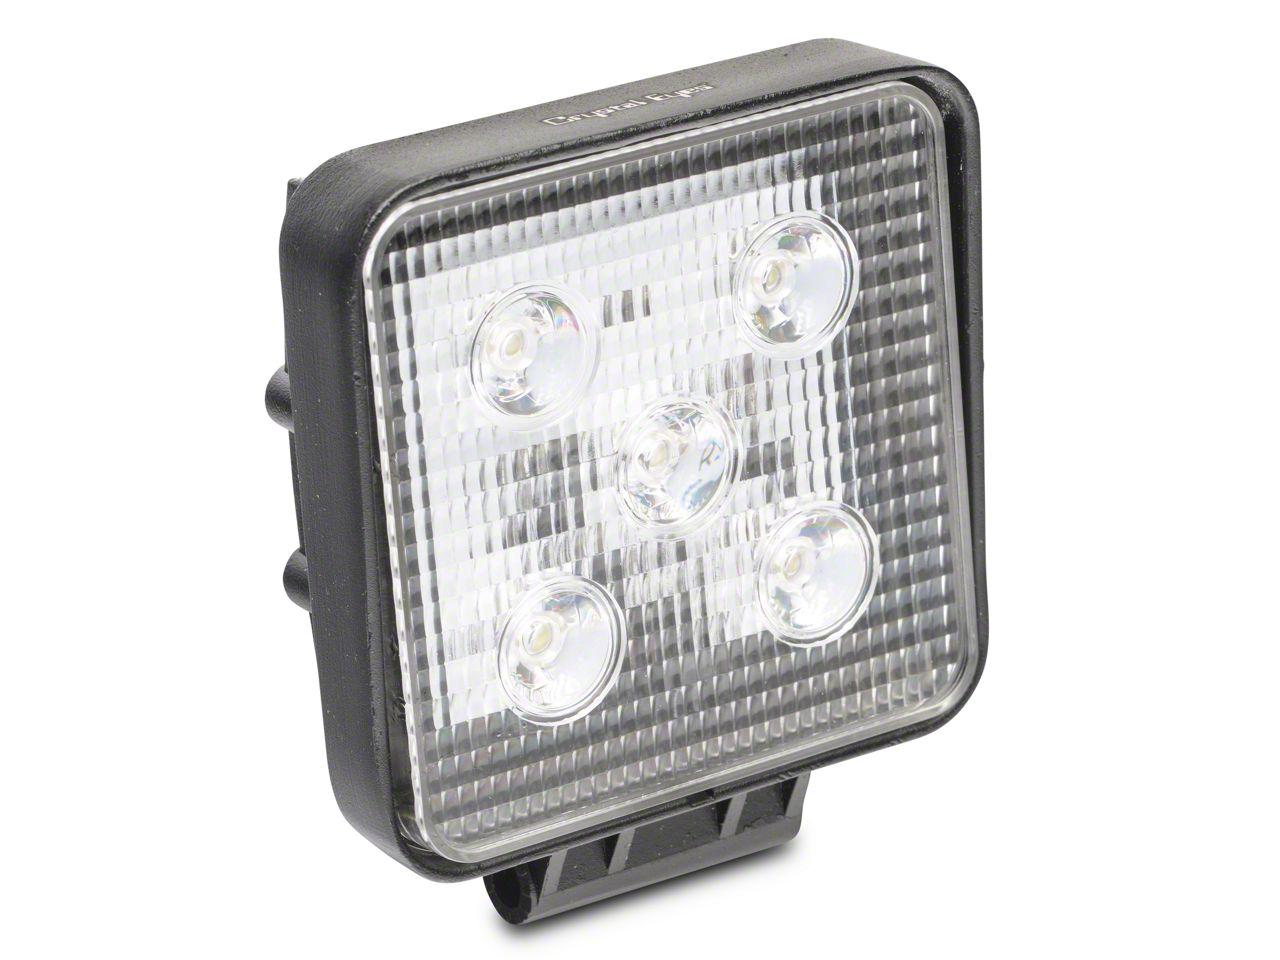 Alteon 4 in. Work Visor LED Cube Light - 60 Degree Flood Beam